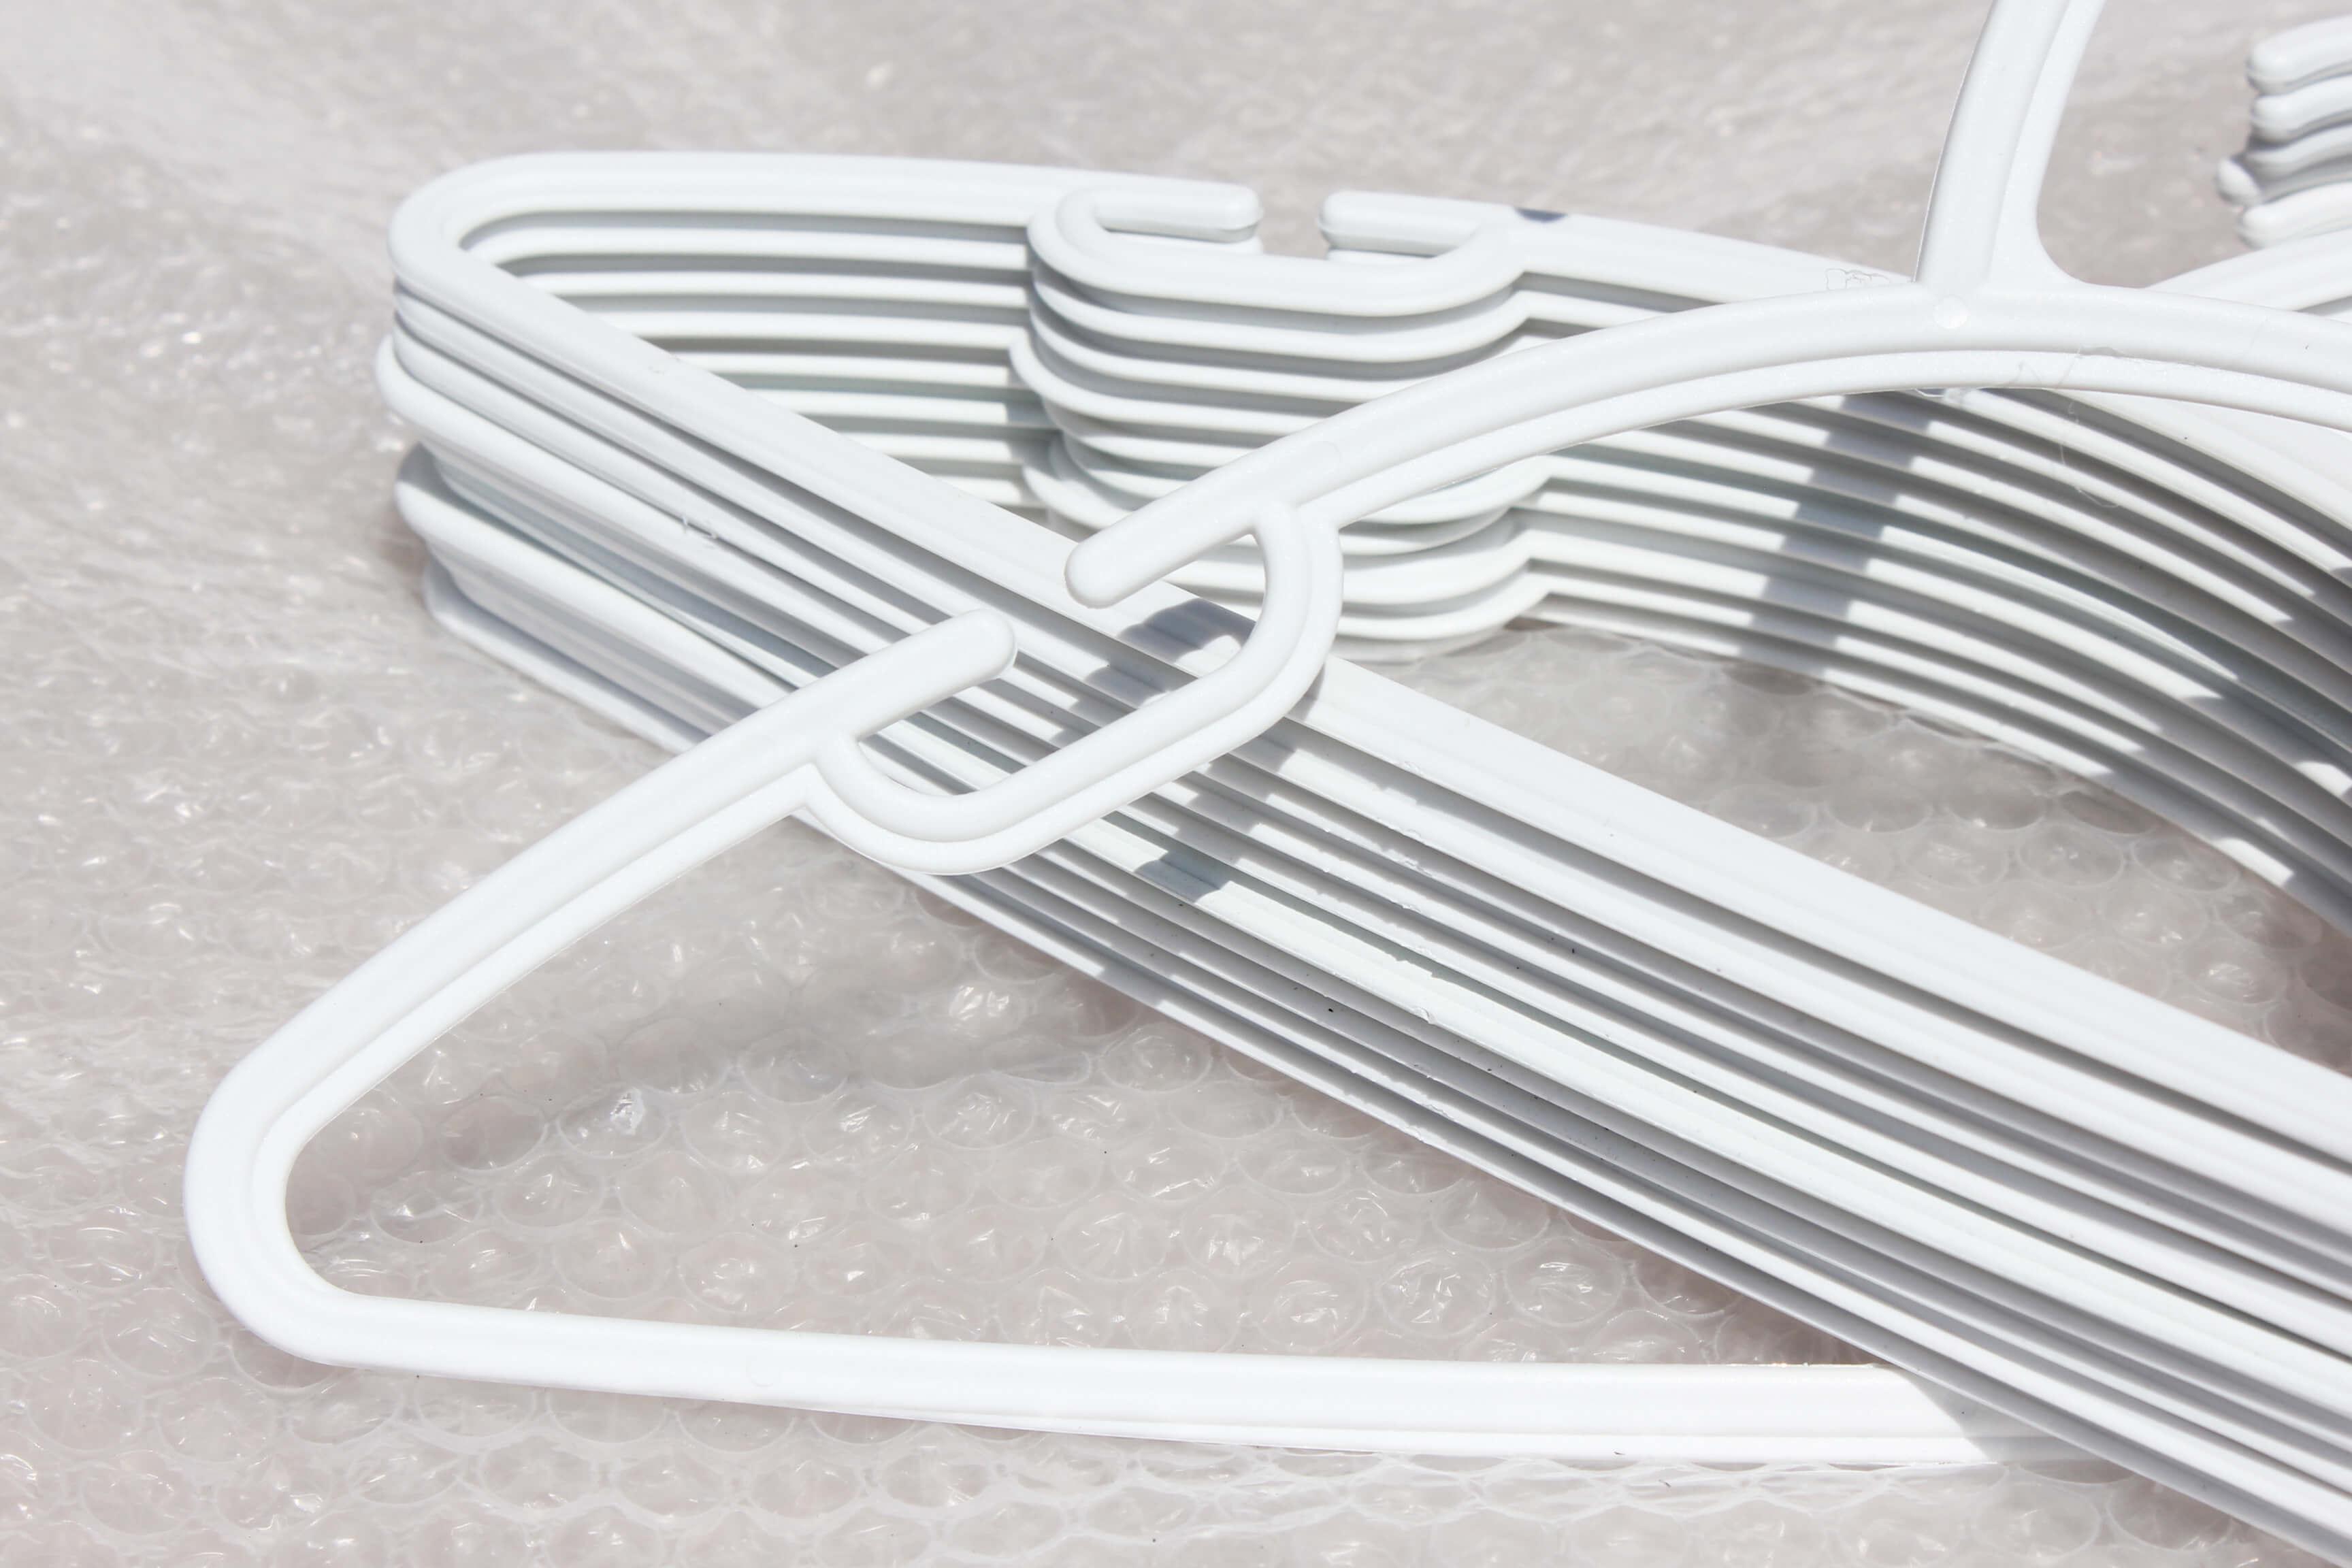 New Range Kids Plastic Coat Hanger with trouser bar – White – Hangersrus